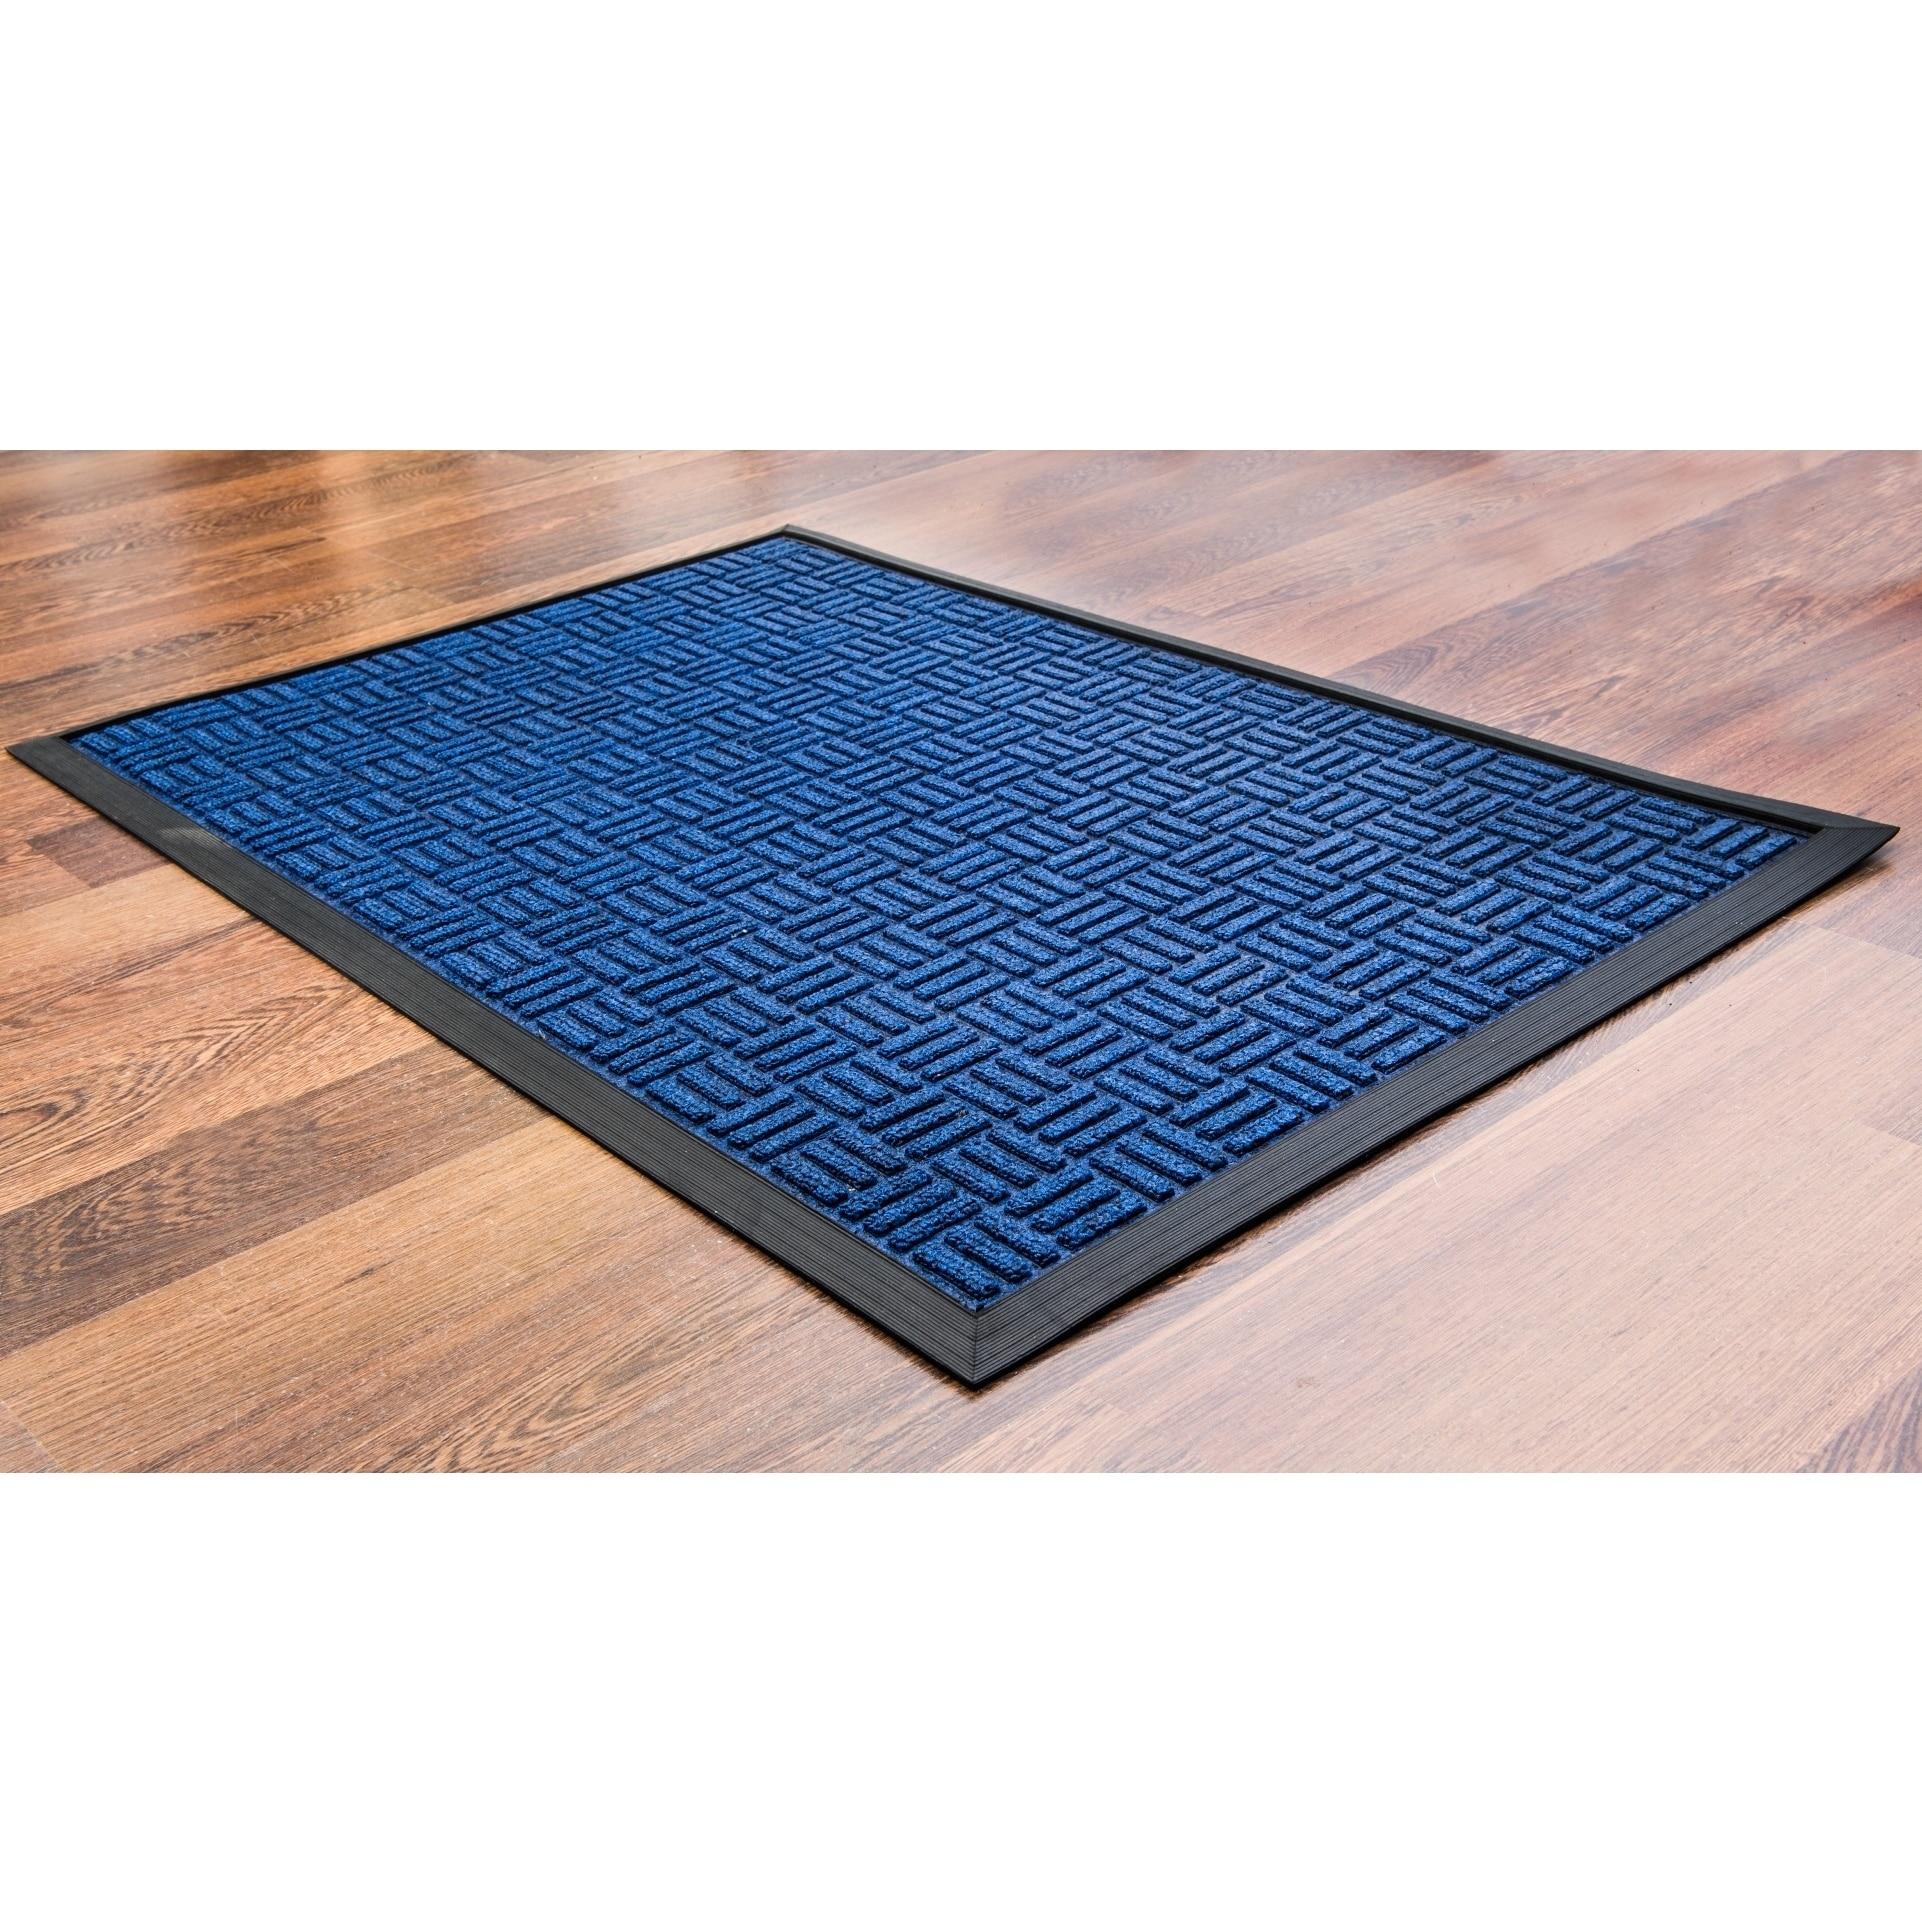 Doortex Ribmat Heavy Duty Indoor Outdoor Door Mat